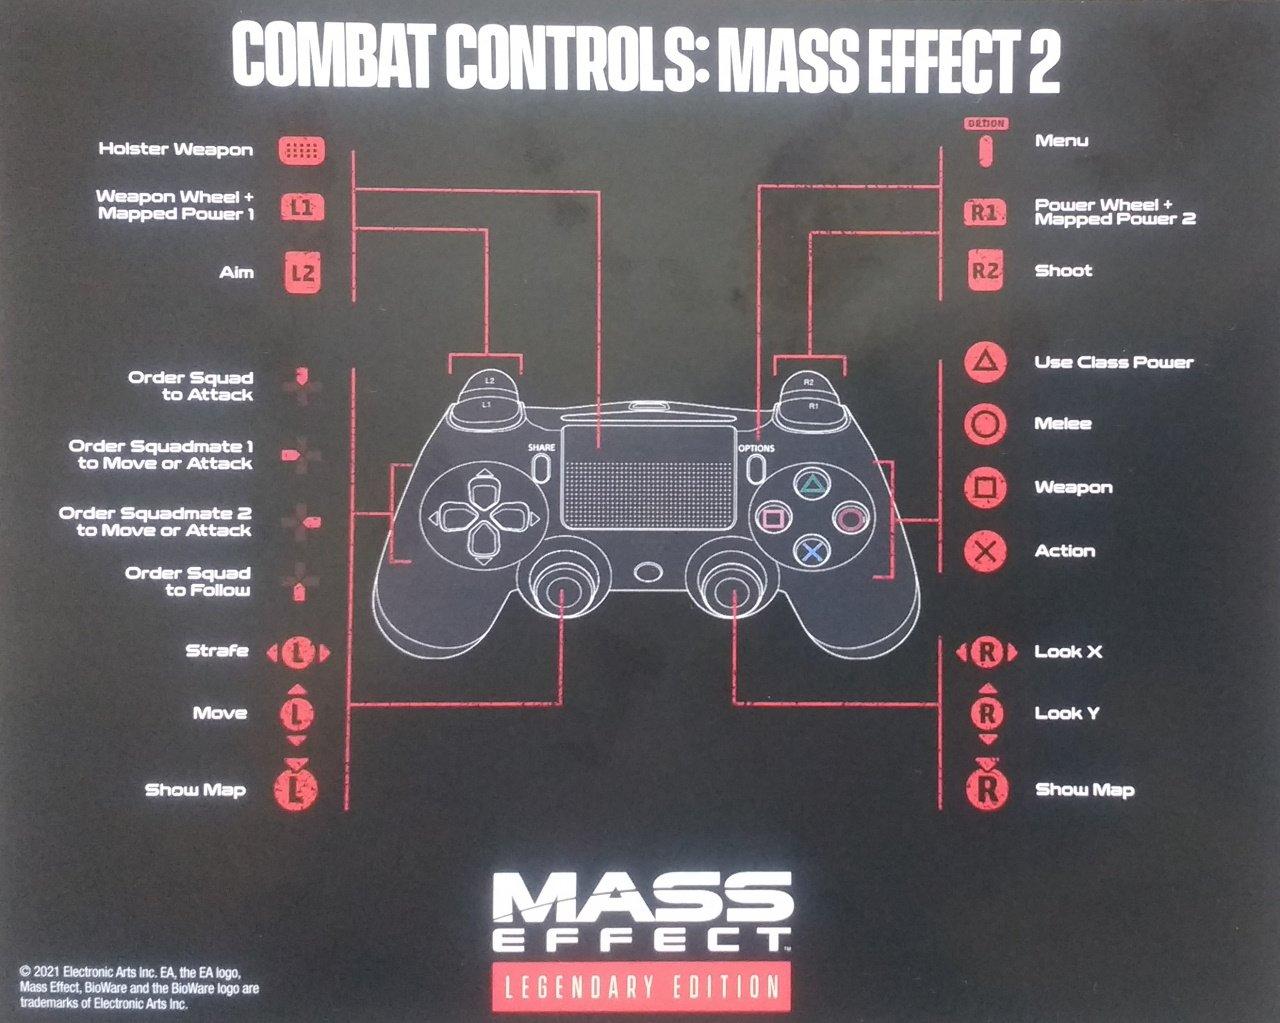 Mass Effect Legendary edition controls Mass Effect 2